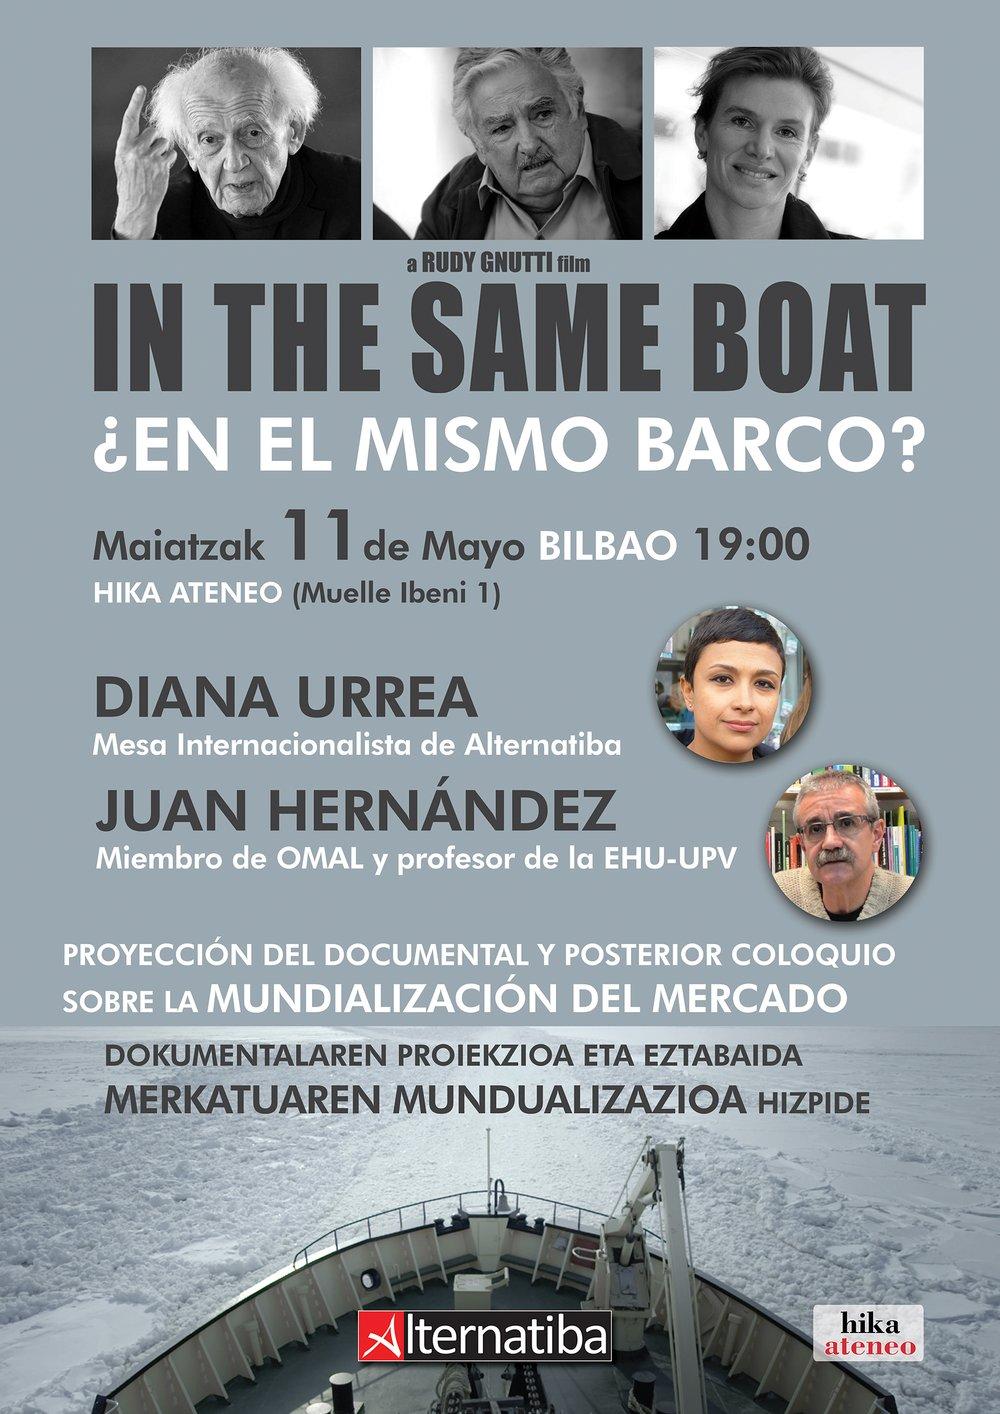 In The same Boat Bilbao